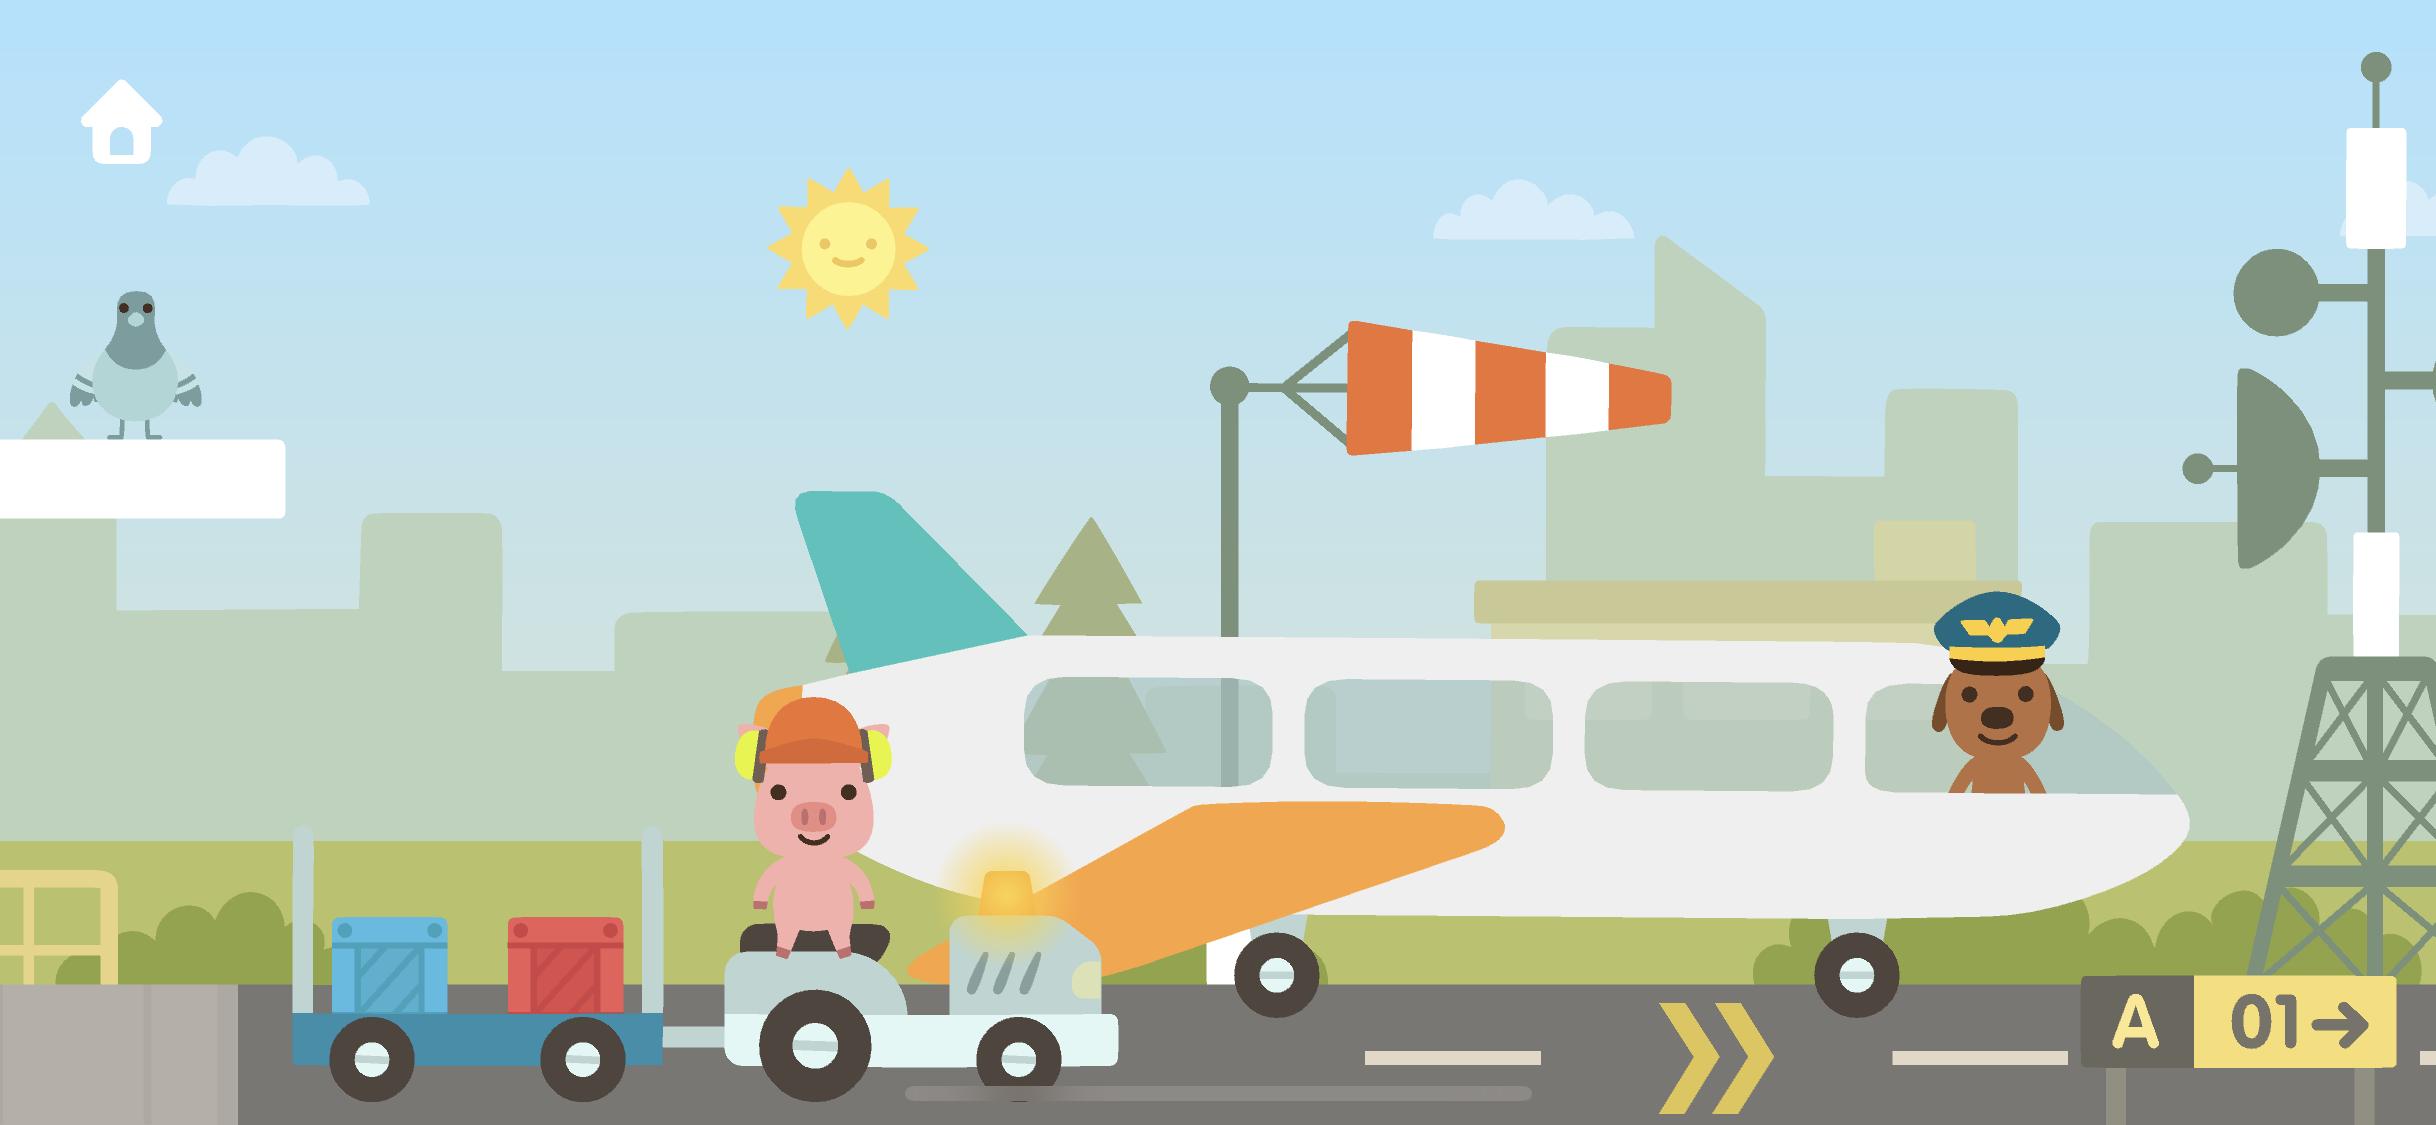 Sago Mini airport